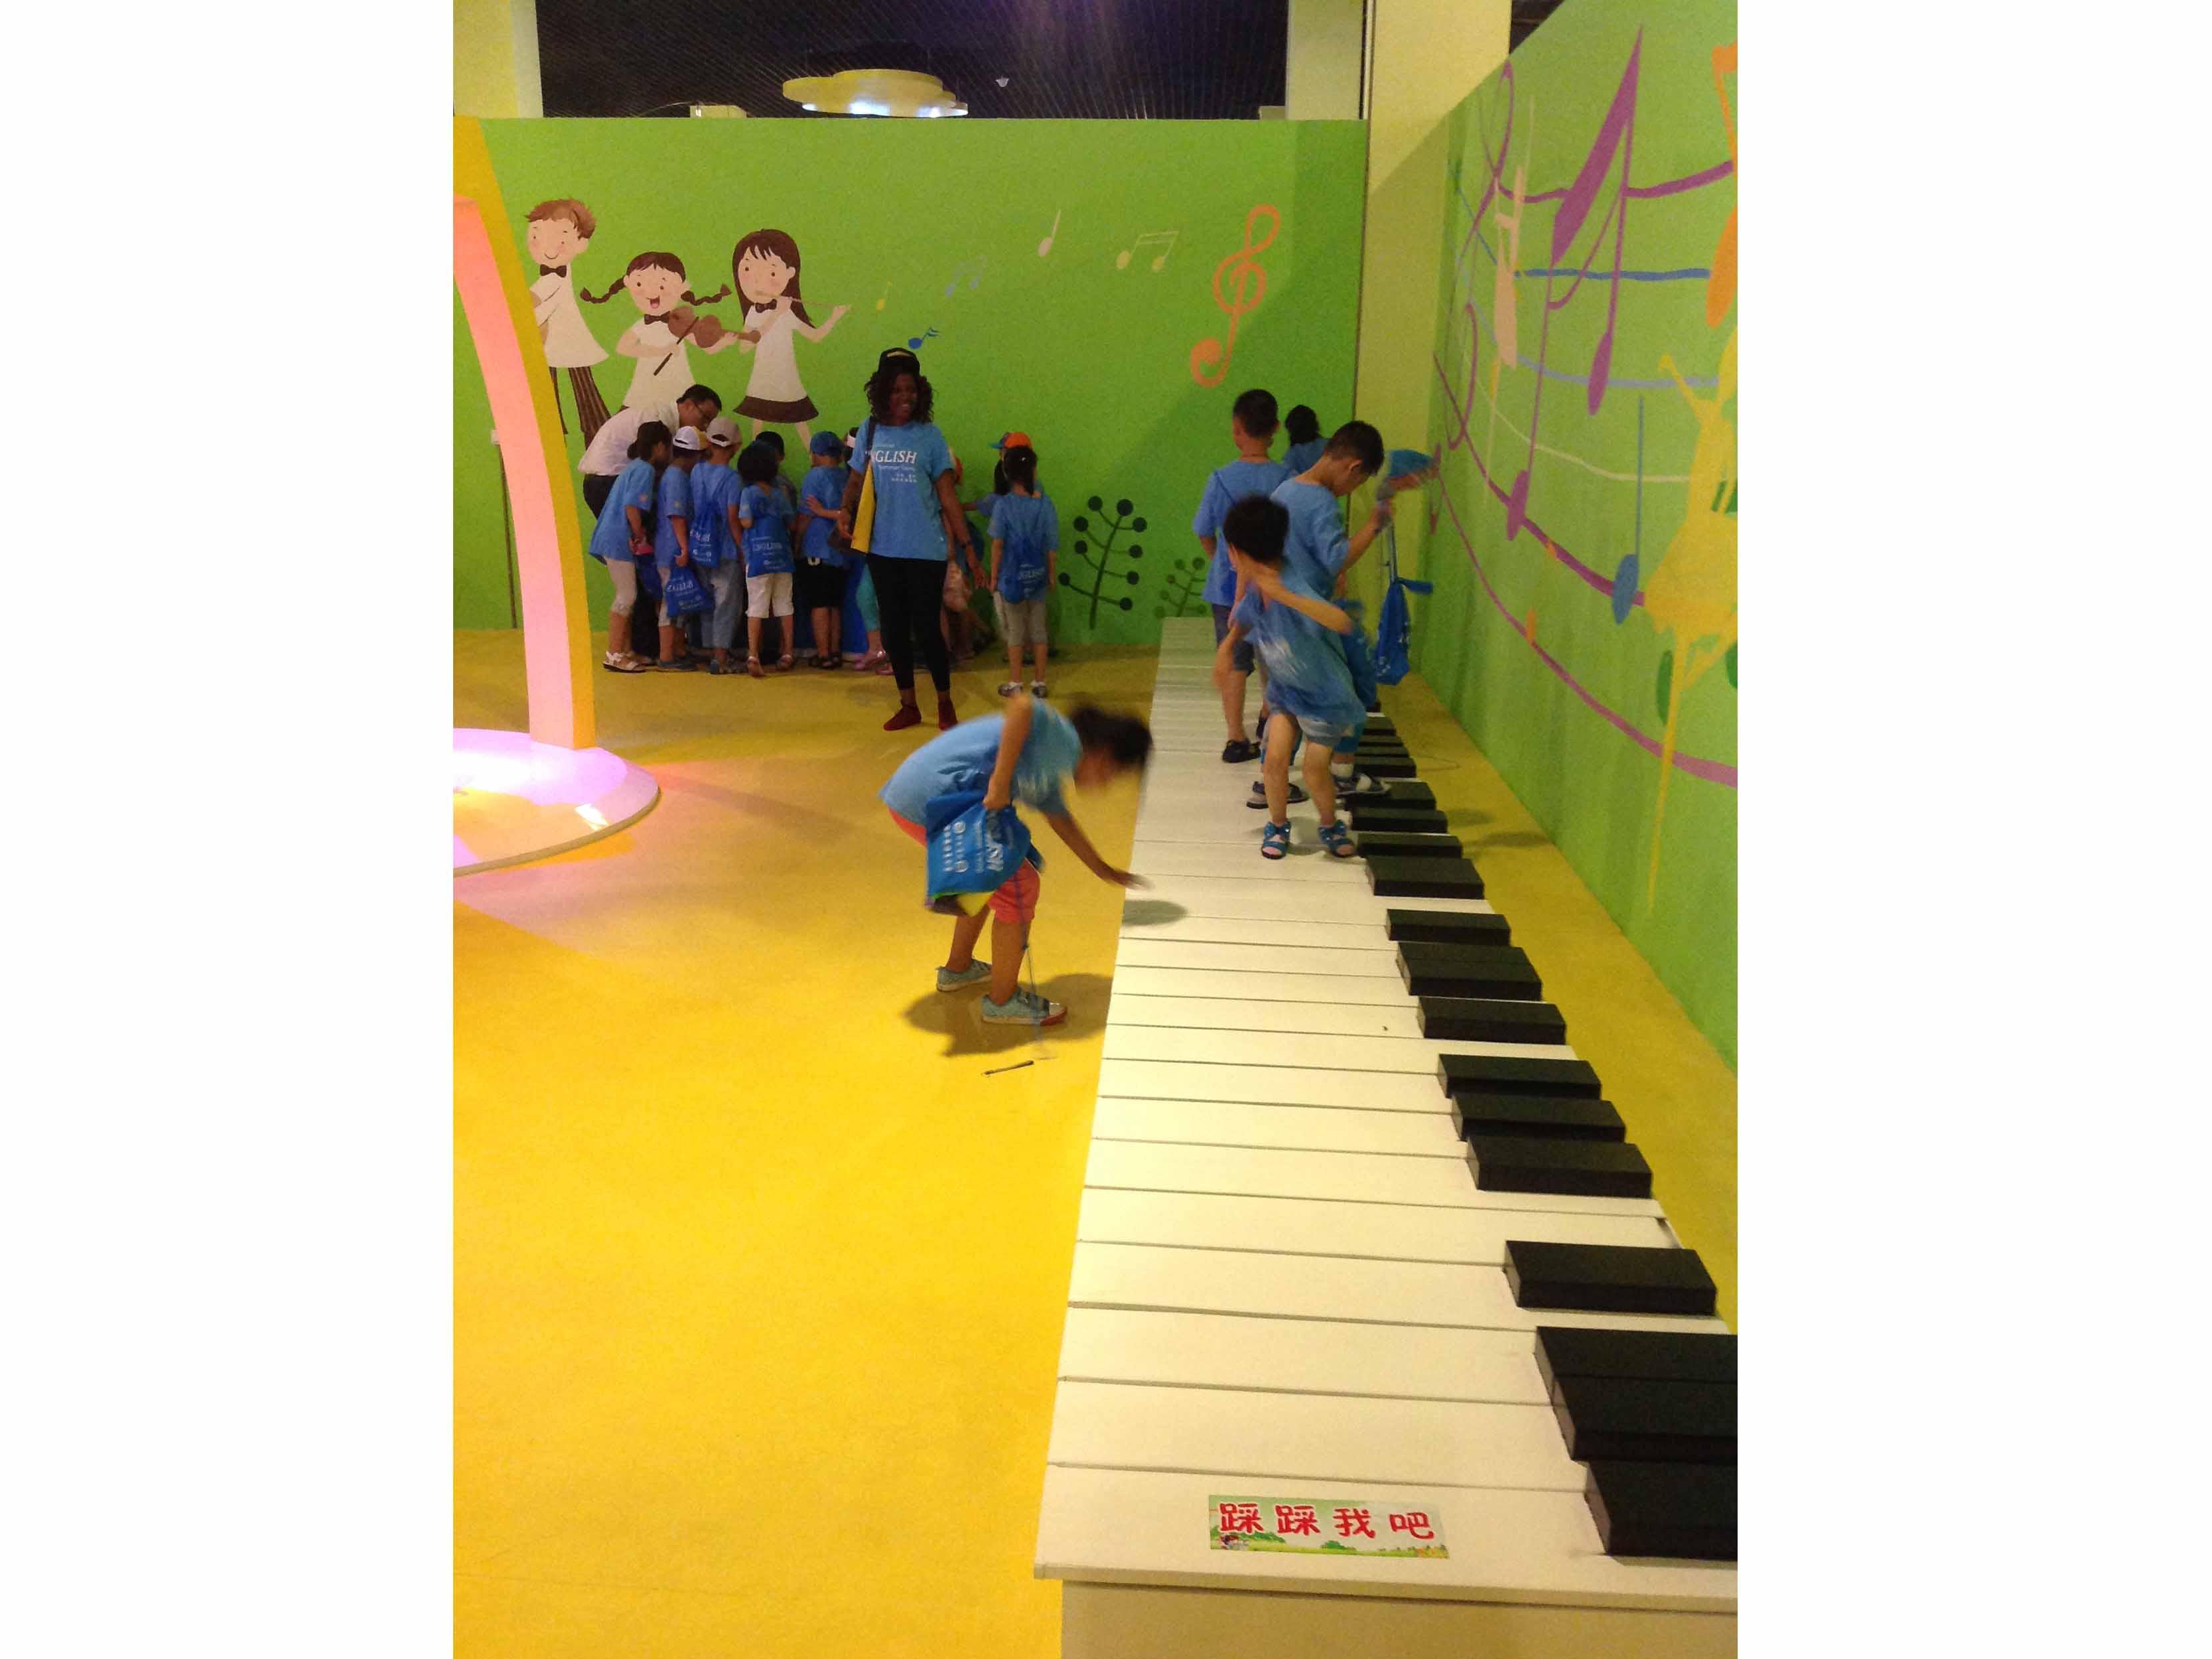 儿童创业项目:优质的钢琴出售【厂家推荐】